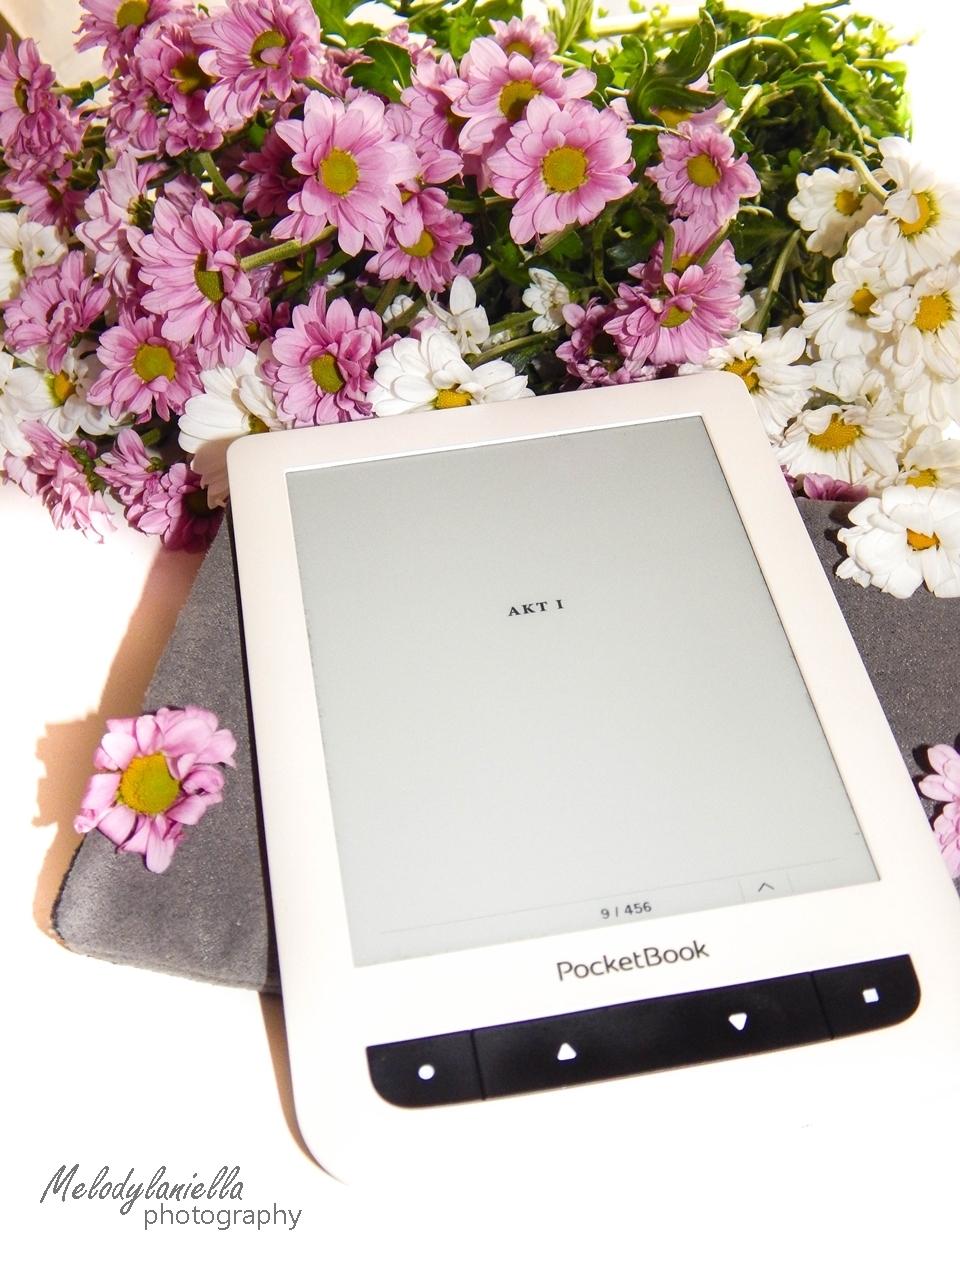 fobos czytnik ksiazka kawiaty melodylaniella wydawnictwo otwarte recenzja pocket book fobos